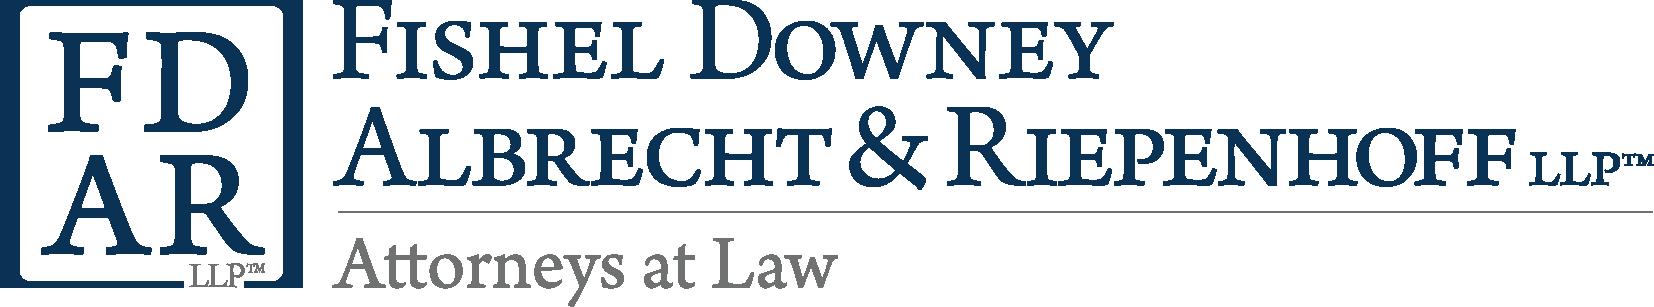 Fishel Downey Albrecht & Riepenhoff